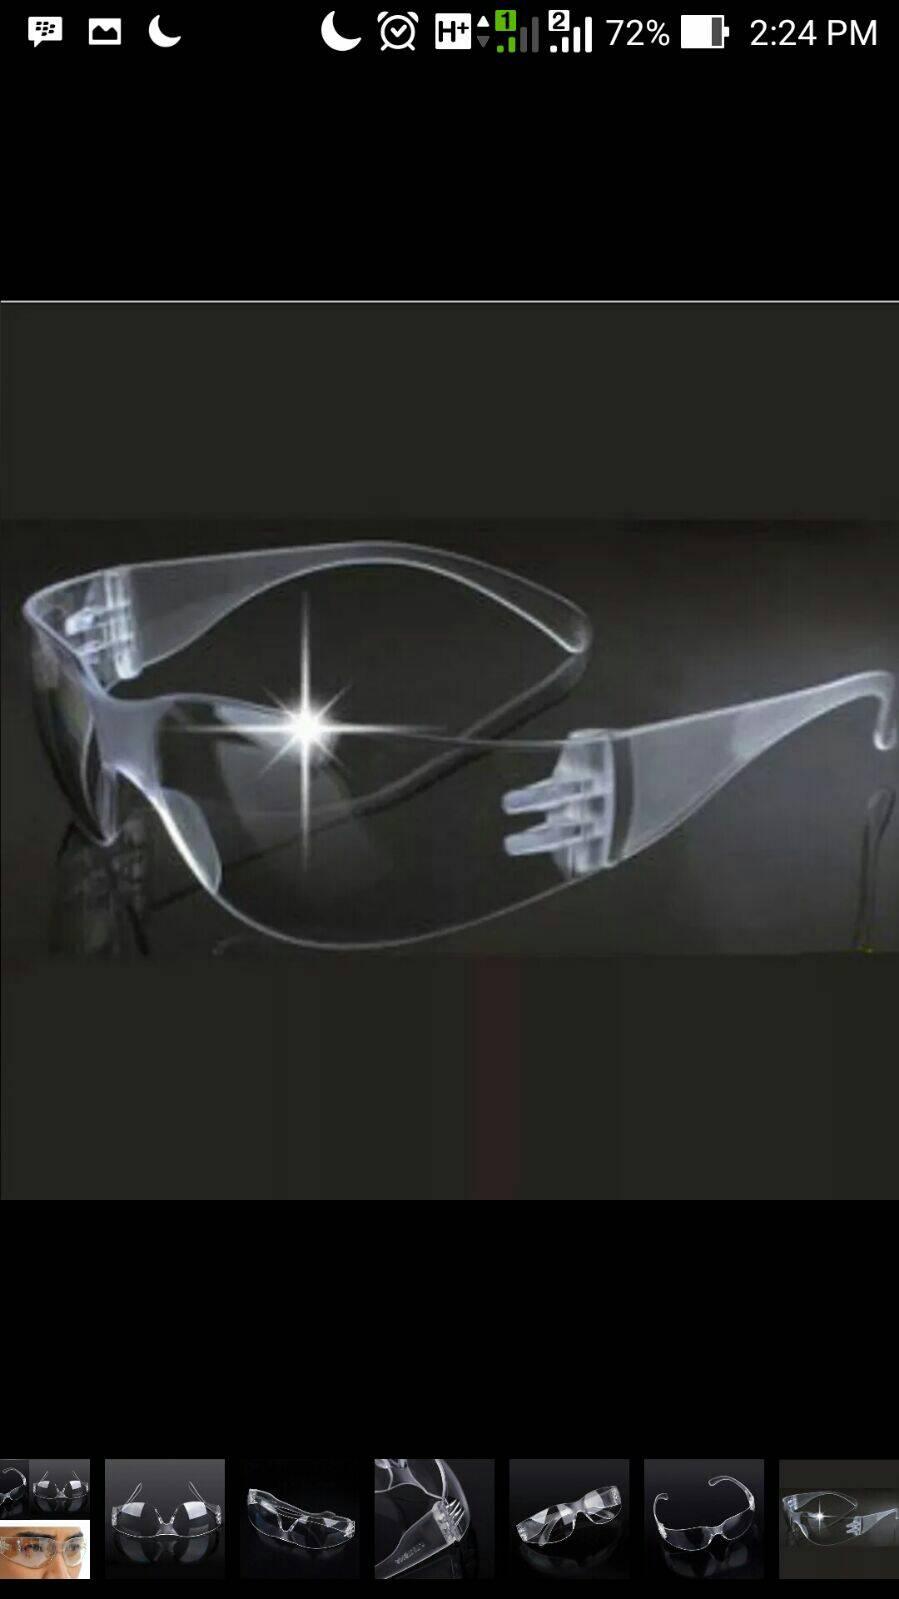 Jual Kaca Mata Pelindung Anti Gores Silau Safety Goggles Car Hd Vision Visor Glasess